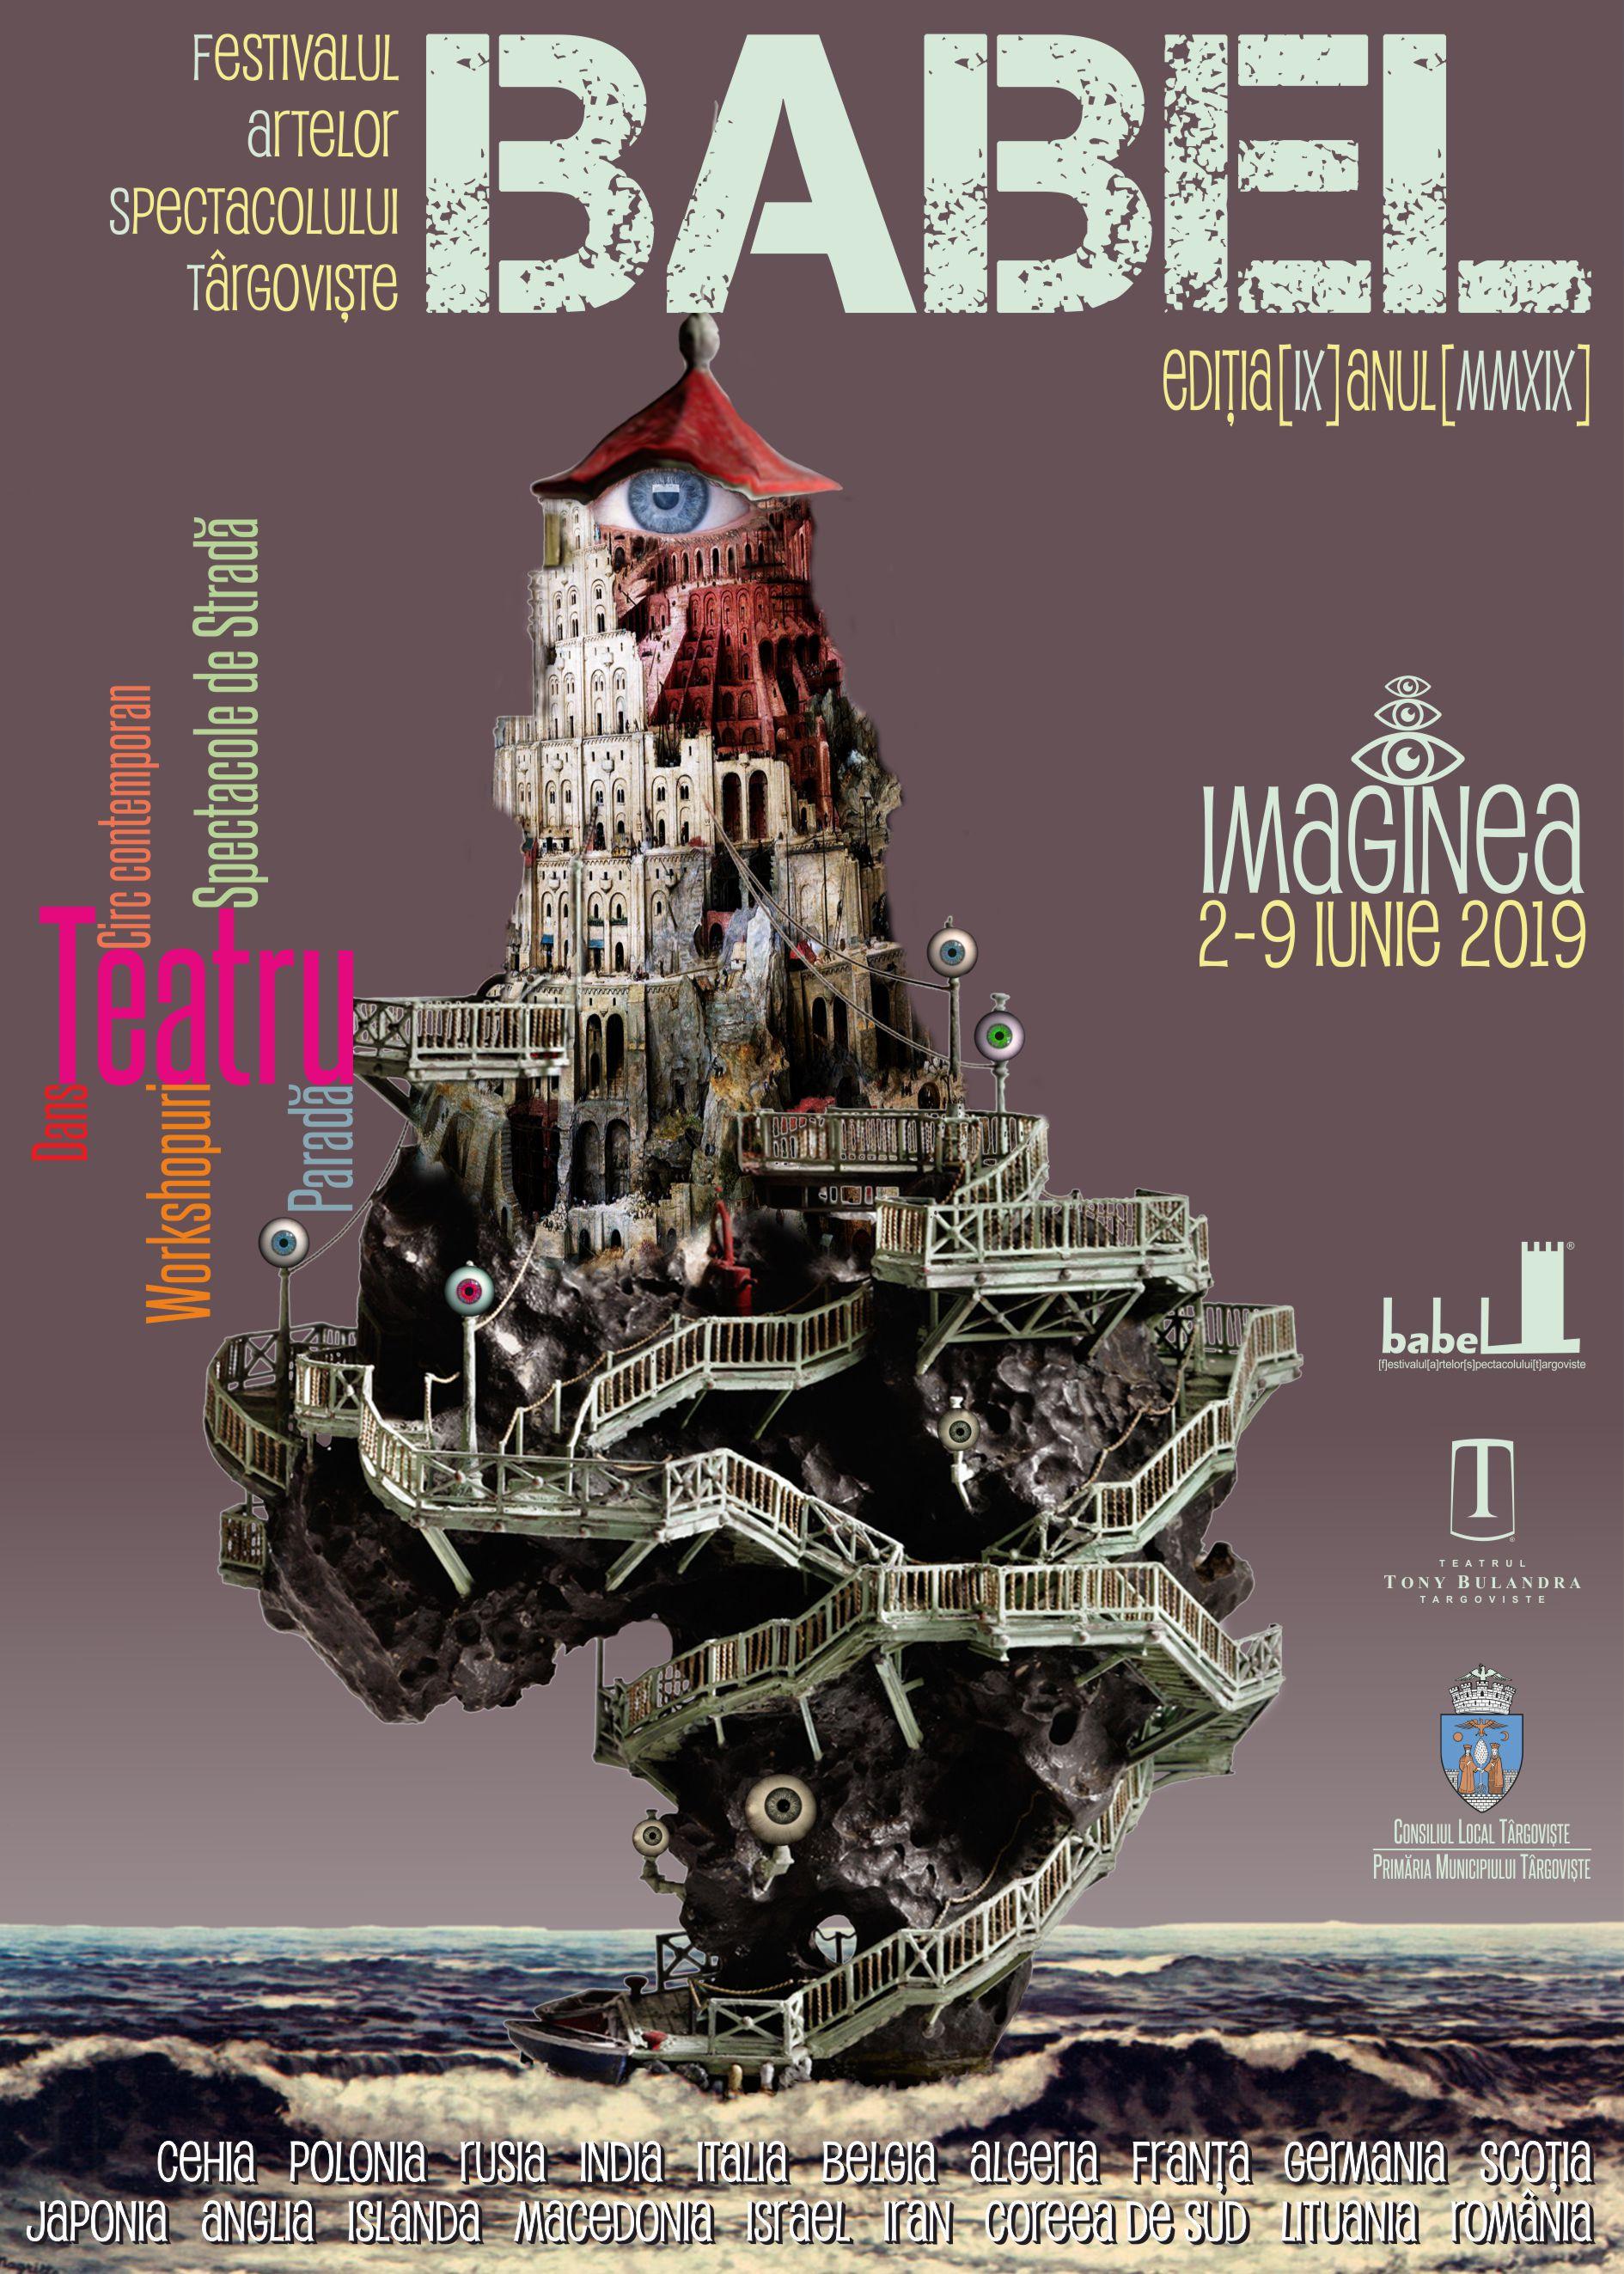 ÎNCEPE BABEL -Festivalul Artelor Spectacolului Târgoviște